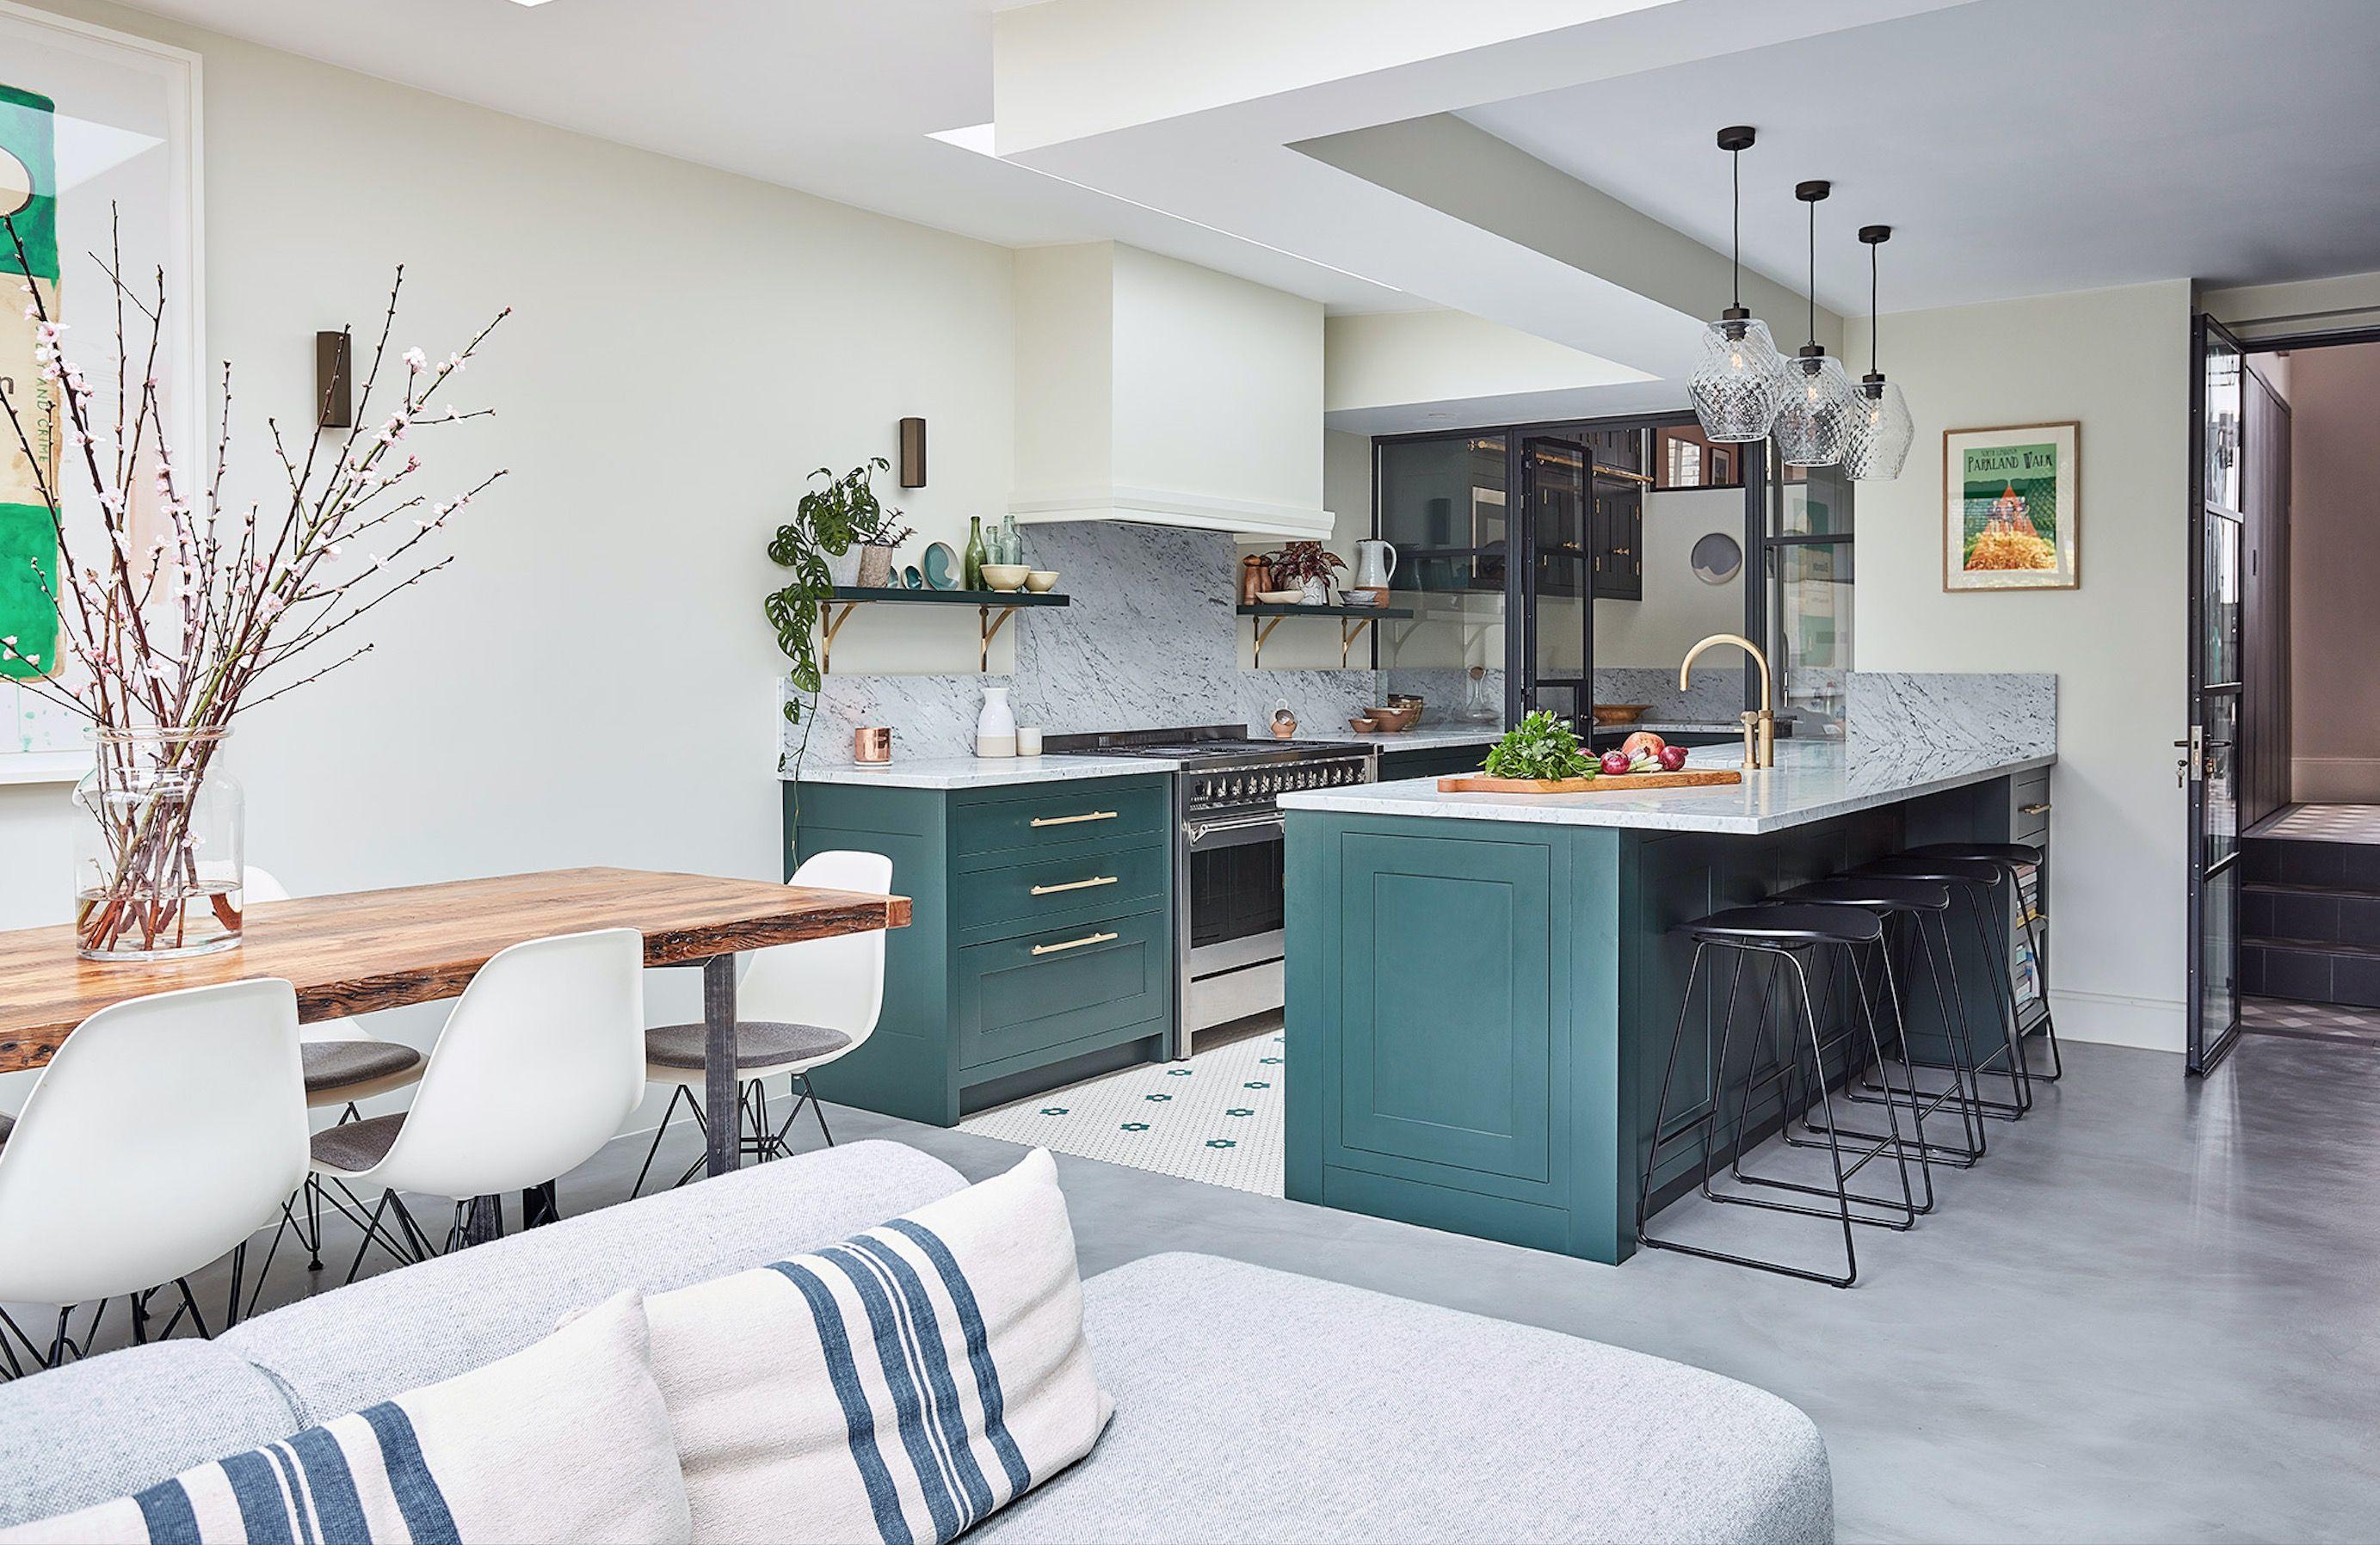 20 Best Kitchen Design Trends 2020 - Modern Kitchen Design ... on Kitchen Modern Design 2020  id=70405